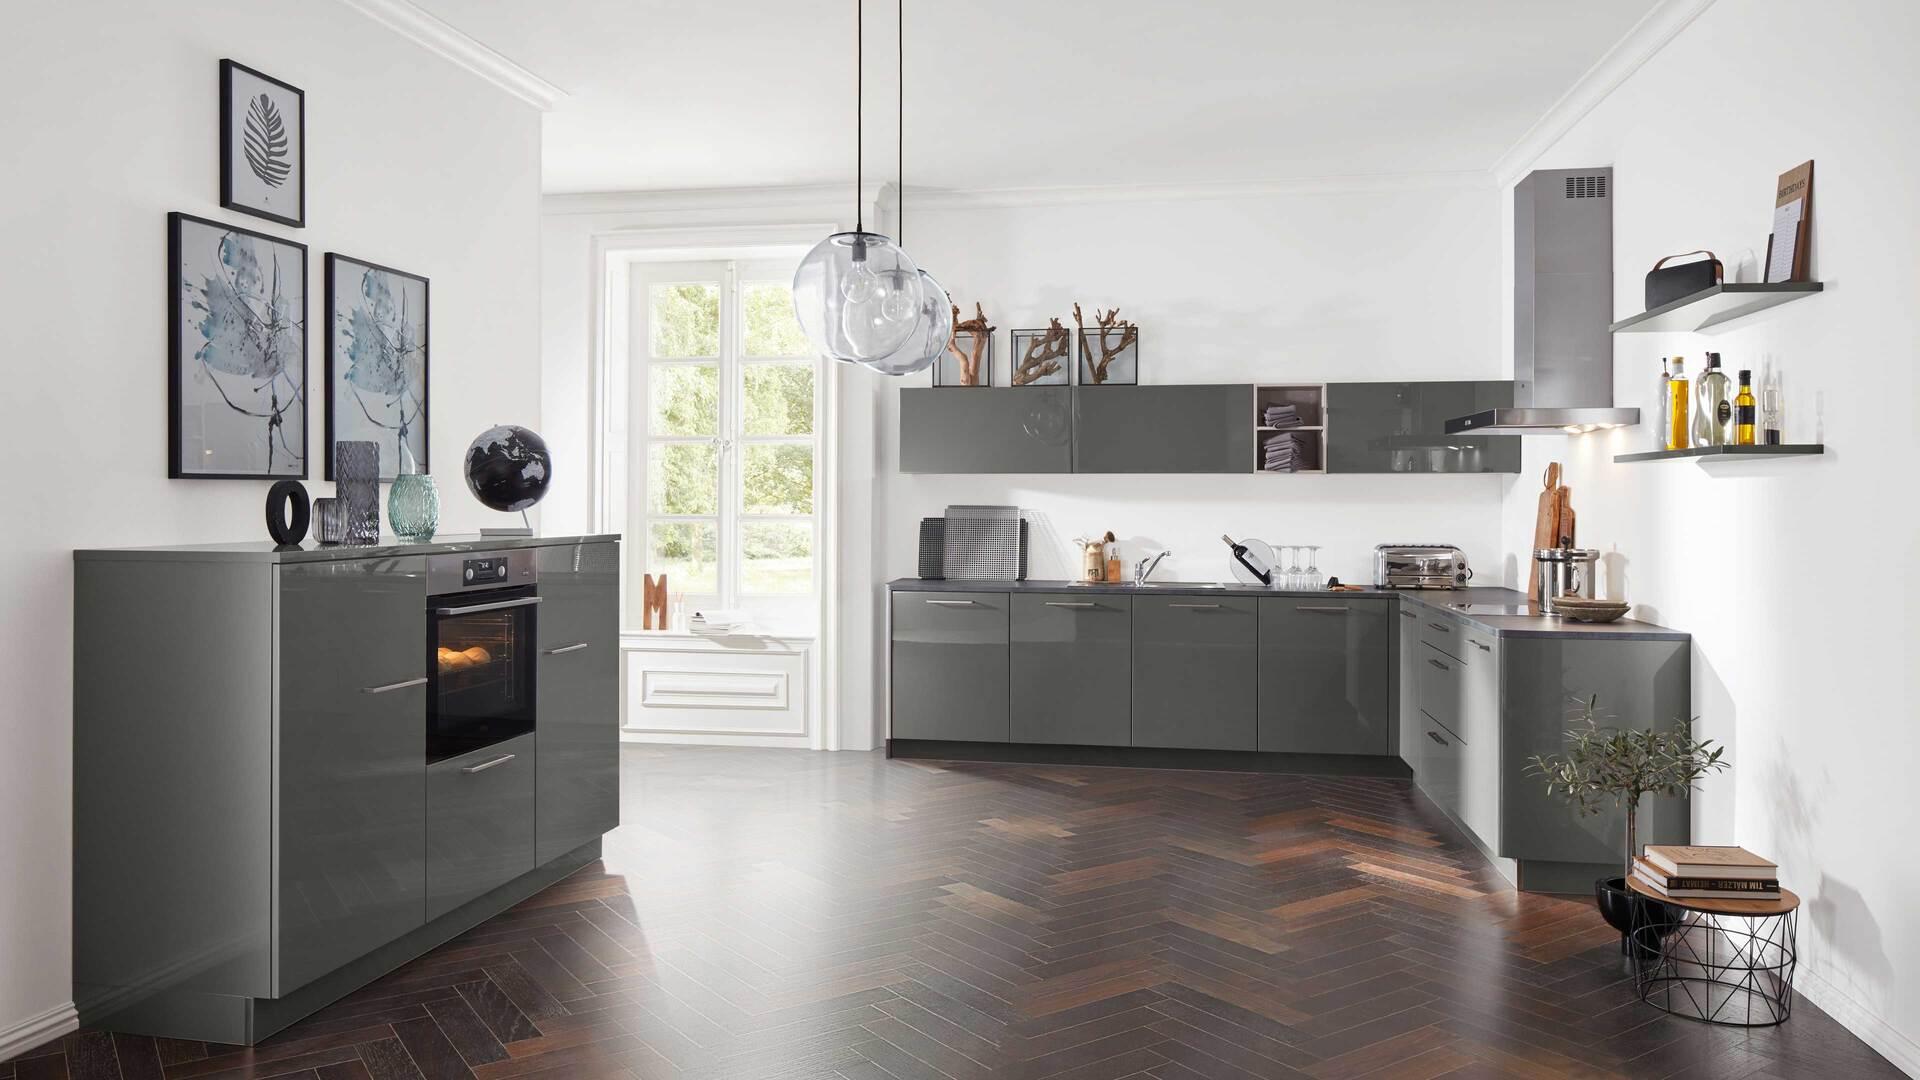 Interliving Küche Serie 3007 mit AEG Einbaugeräten